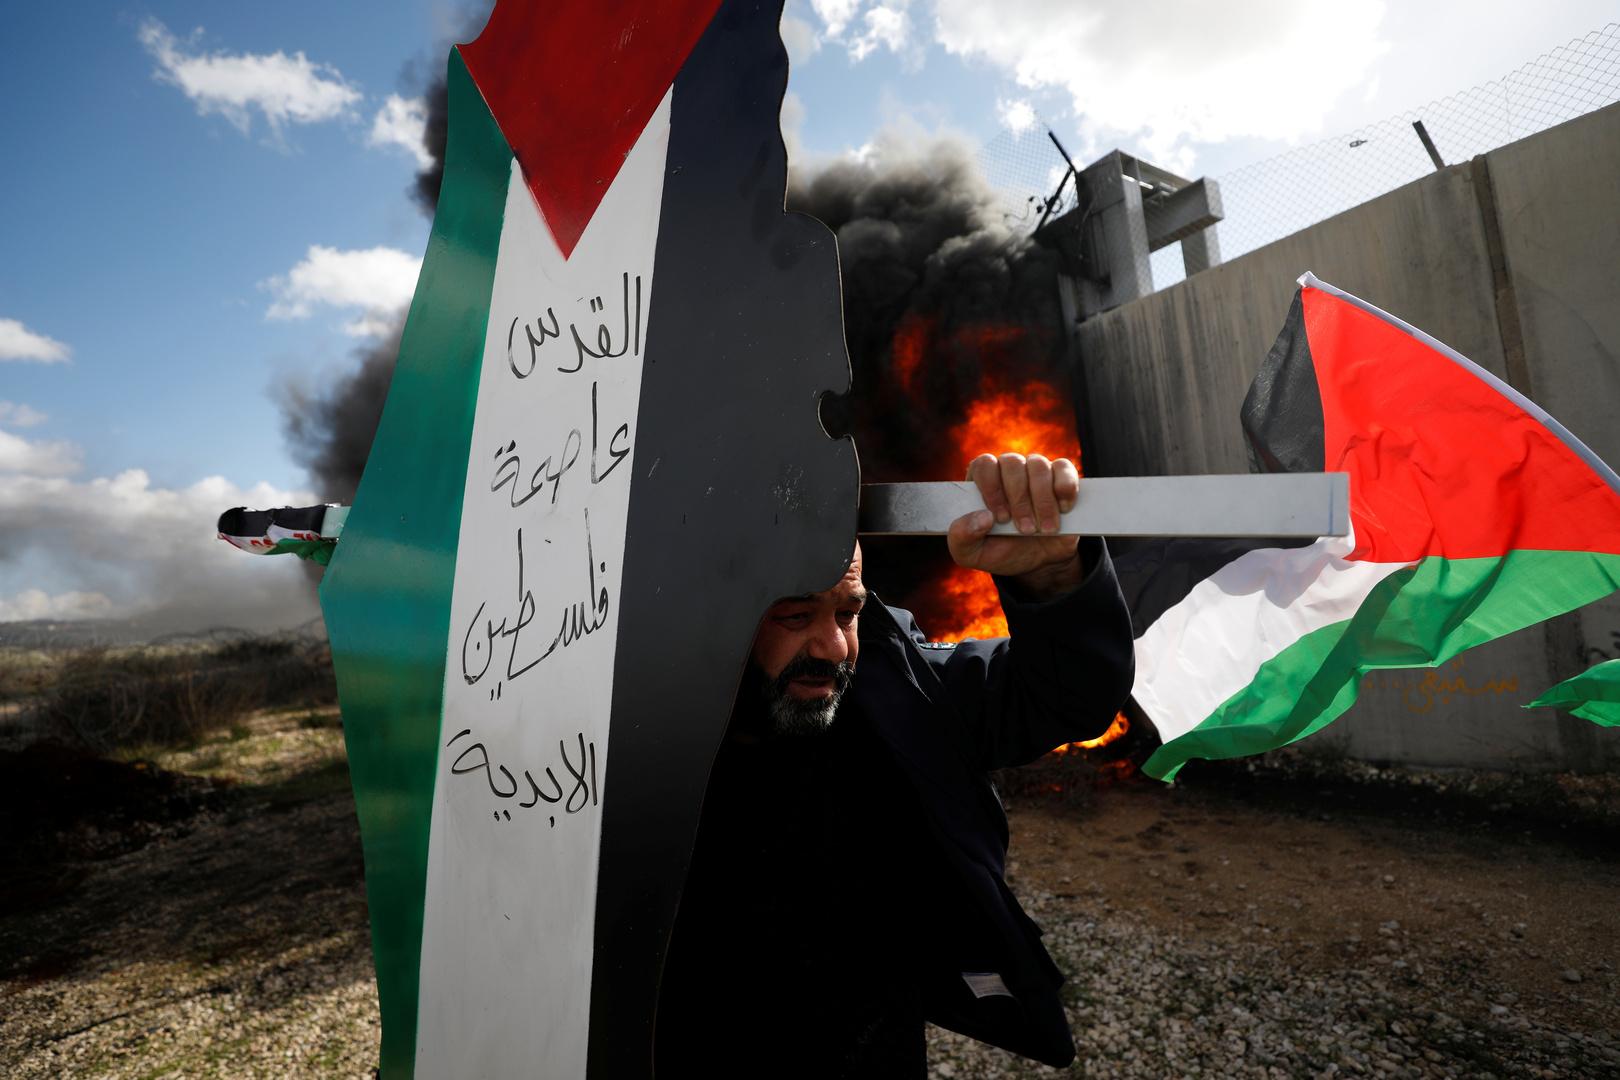 إصابة 33 فلسطينيا بنيران الجيش الإسرائيلي خلال مواجهات في بيتا (صور)